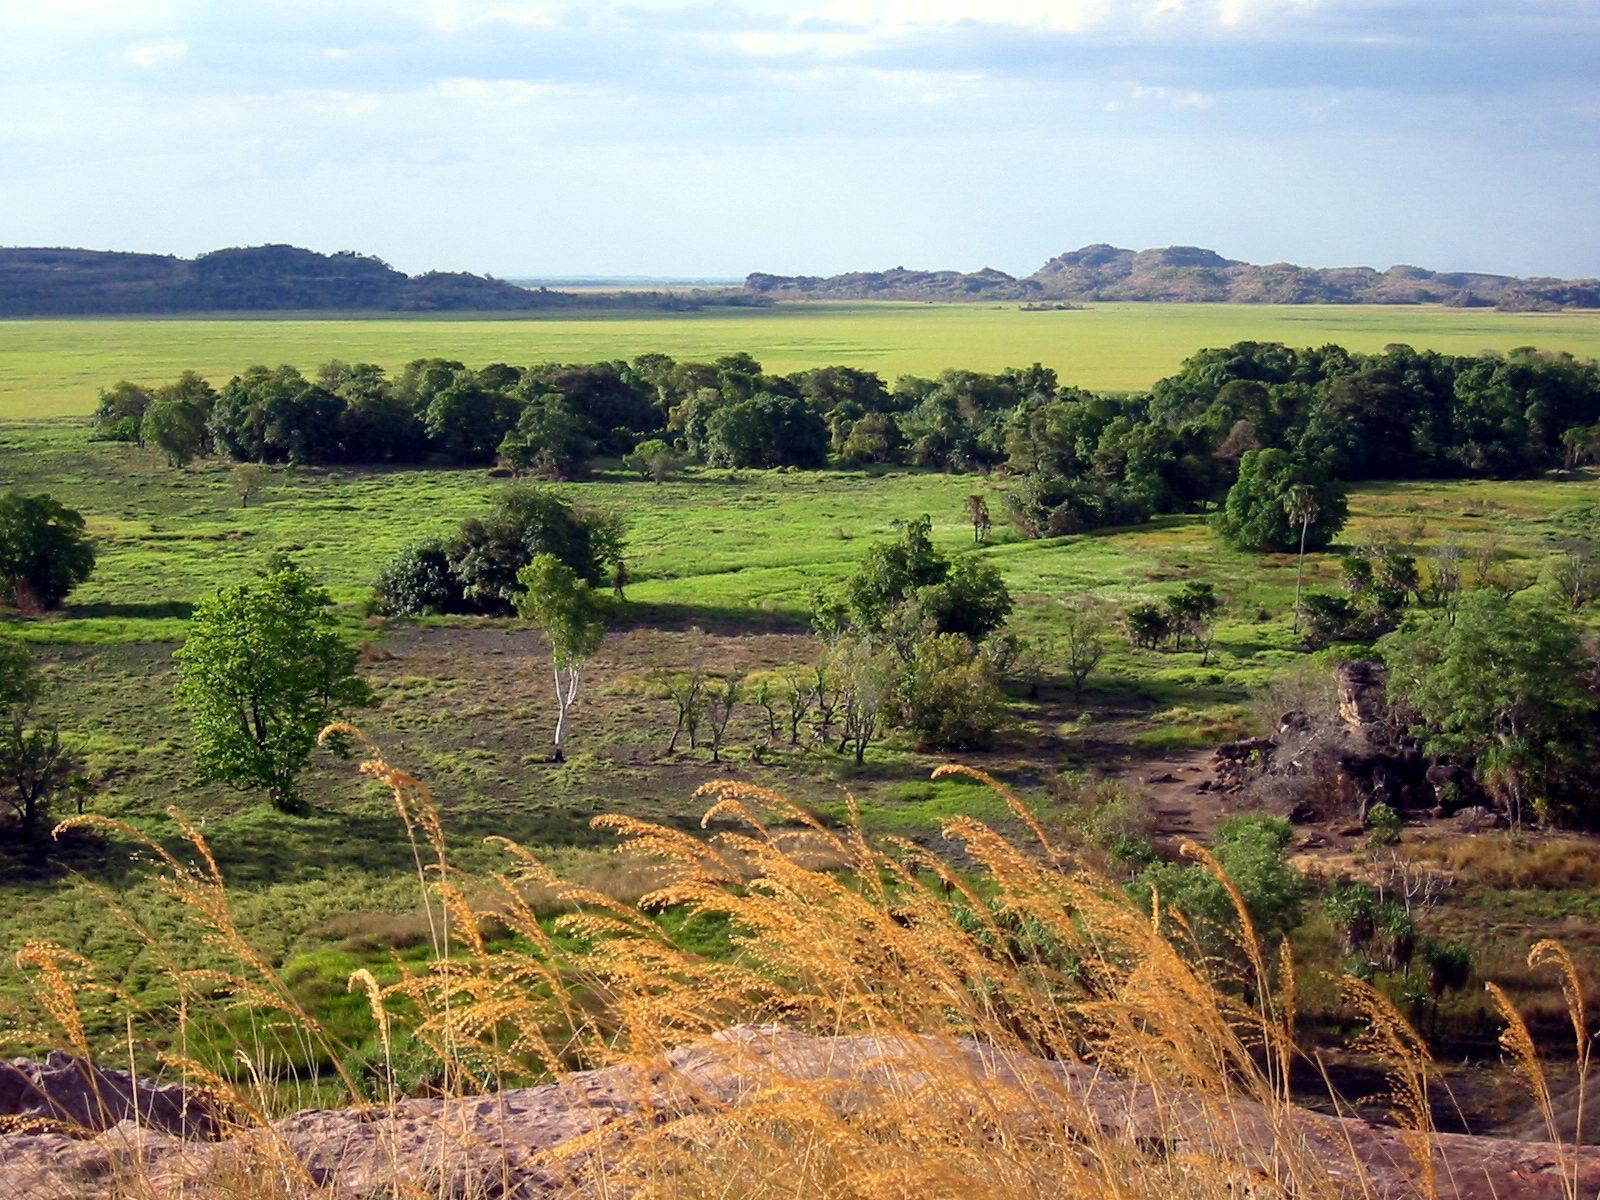 File Ubirr Kakadu National Park Australia Jpg Wikimedia